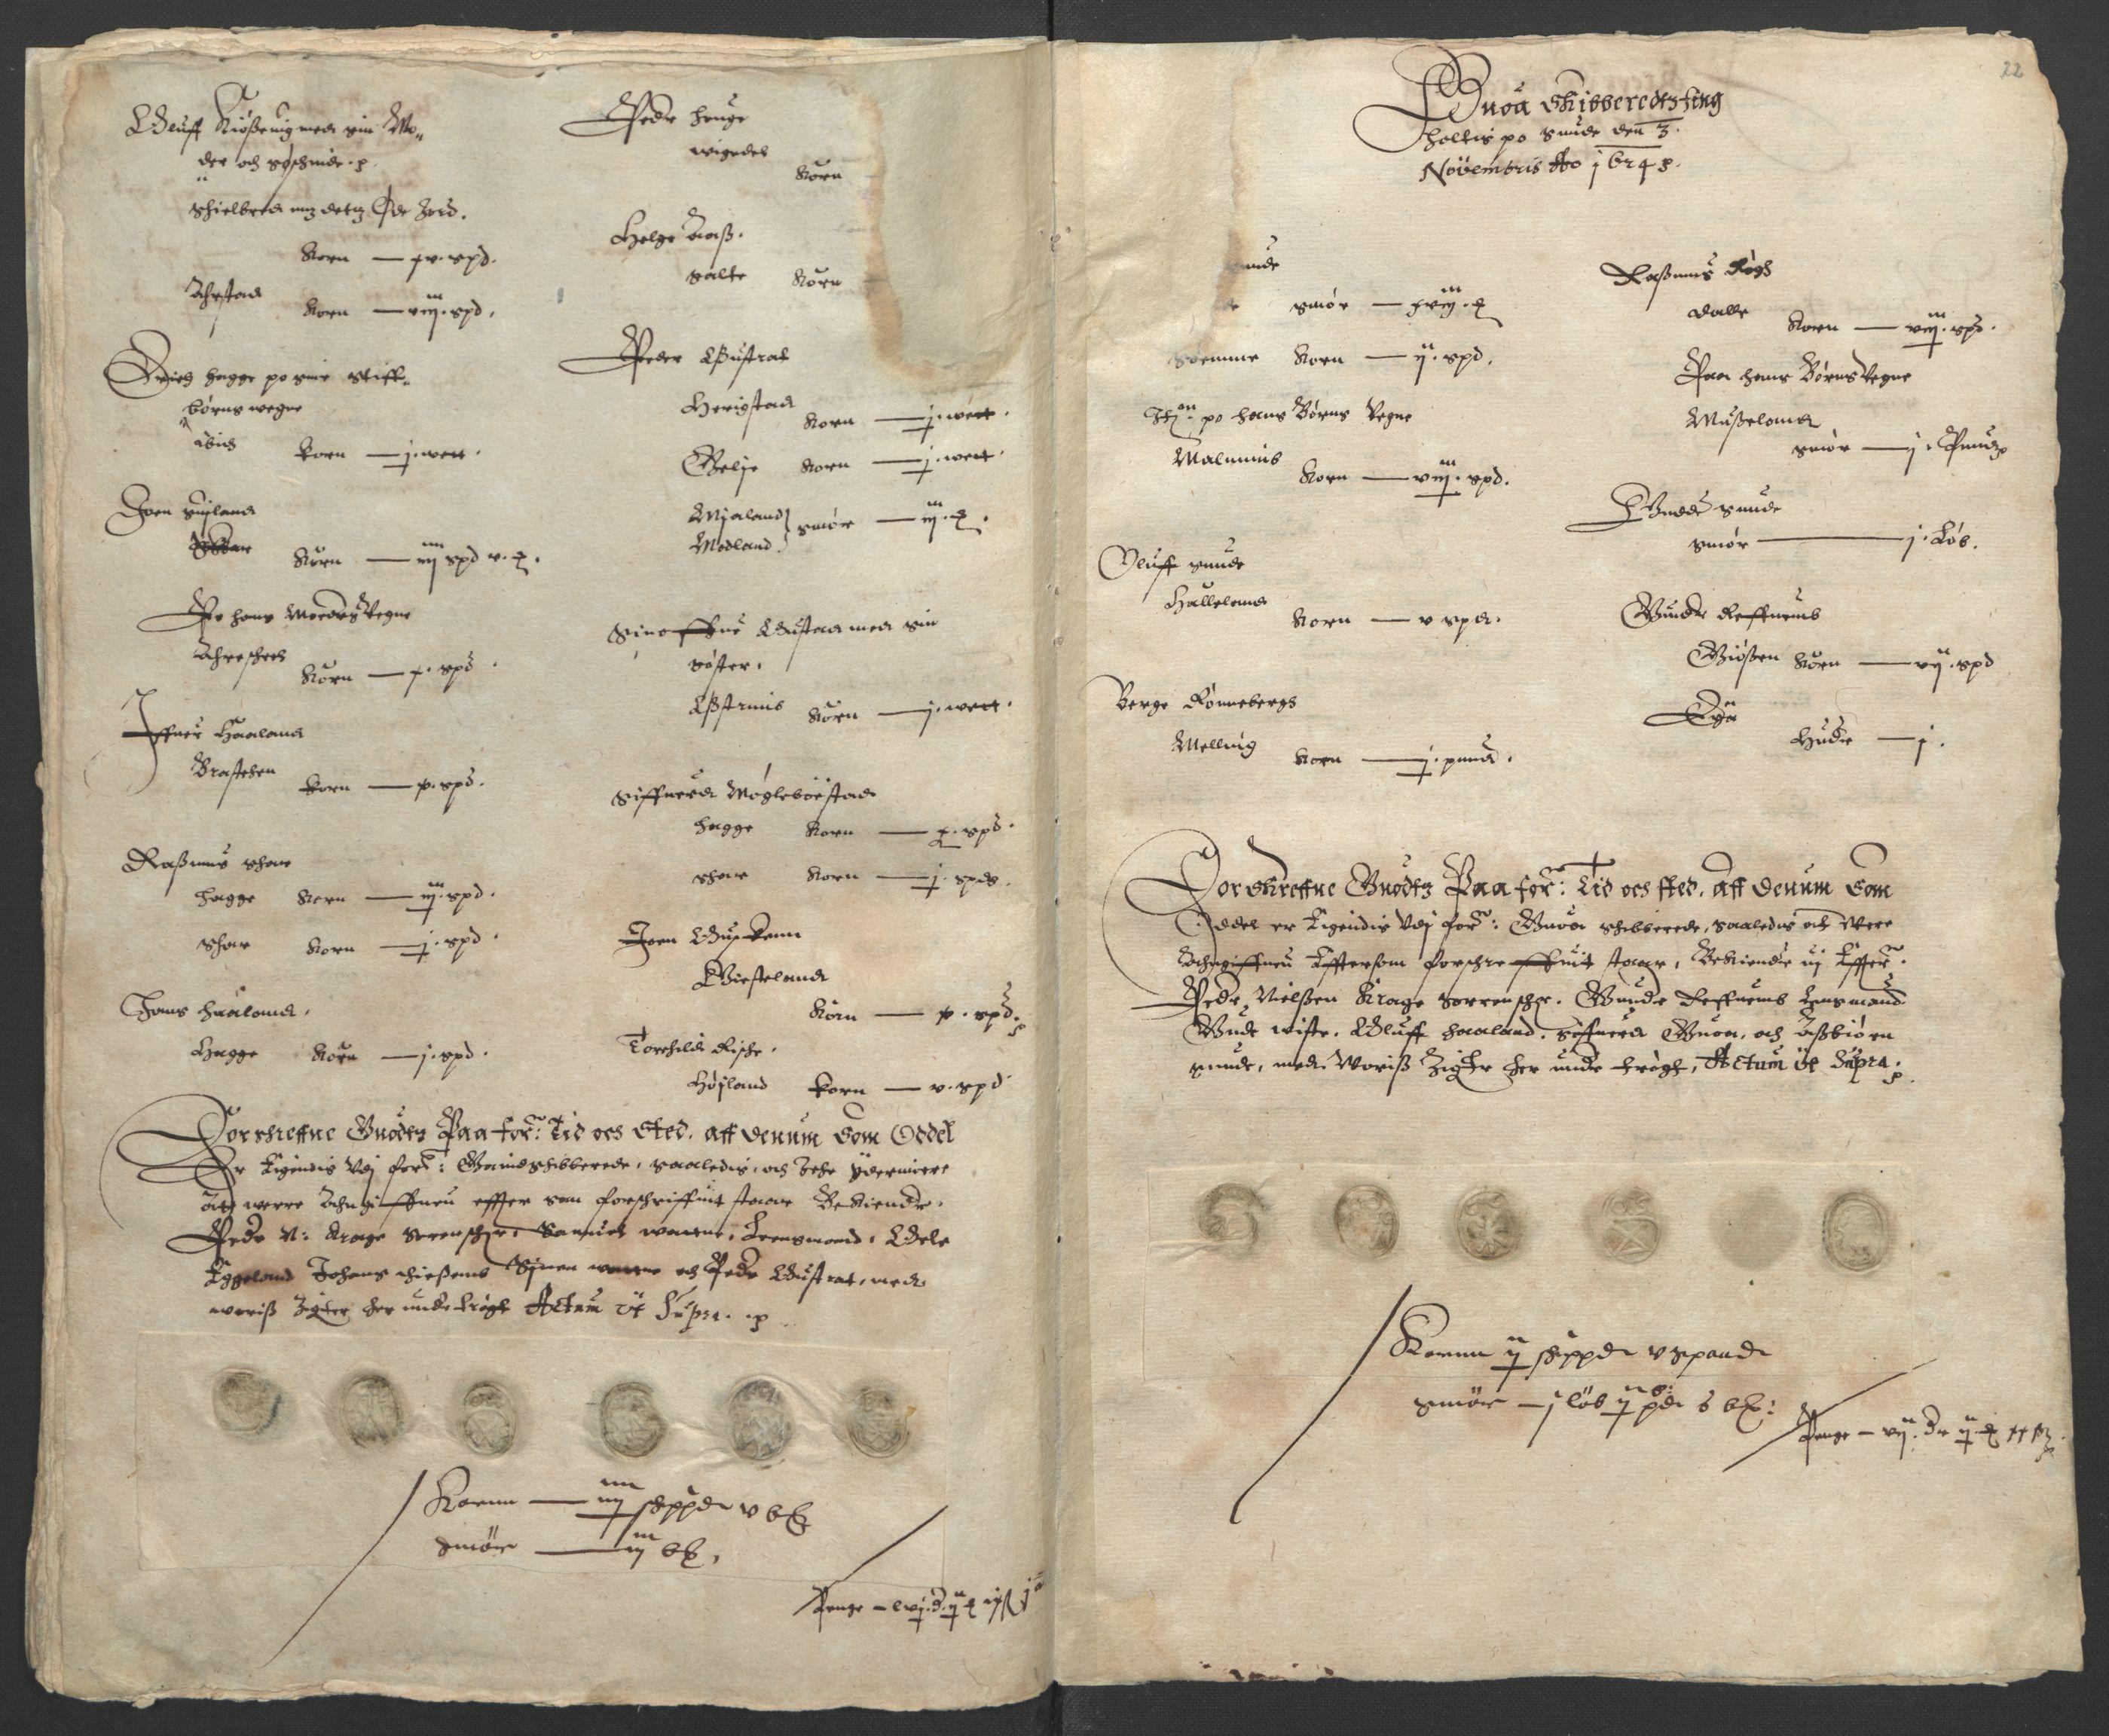 RA, Stattholderembetet 1572-1771, Ek/L0010: Jordebøker til utlikning av rosstjeneste 1624-1626:, 1624-1626, s. 56